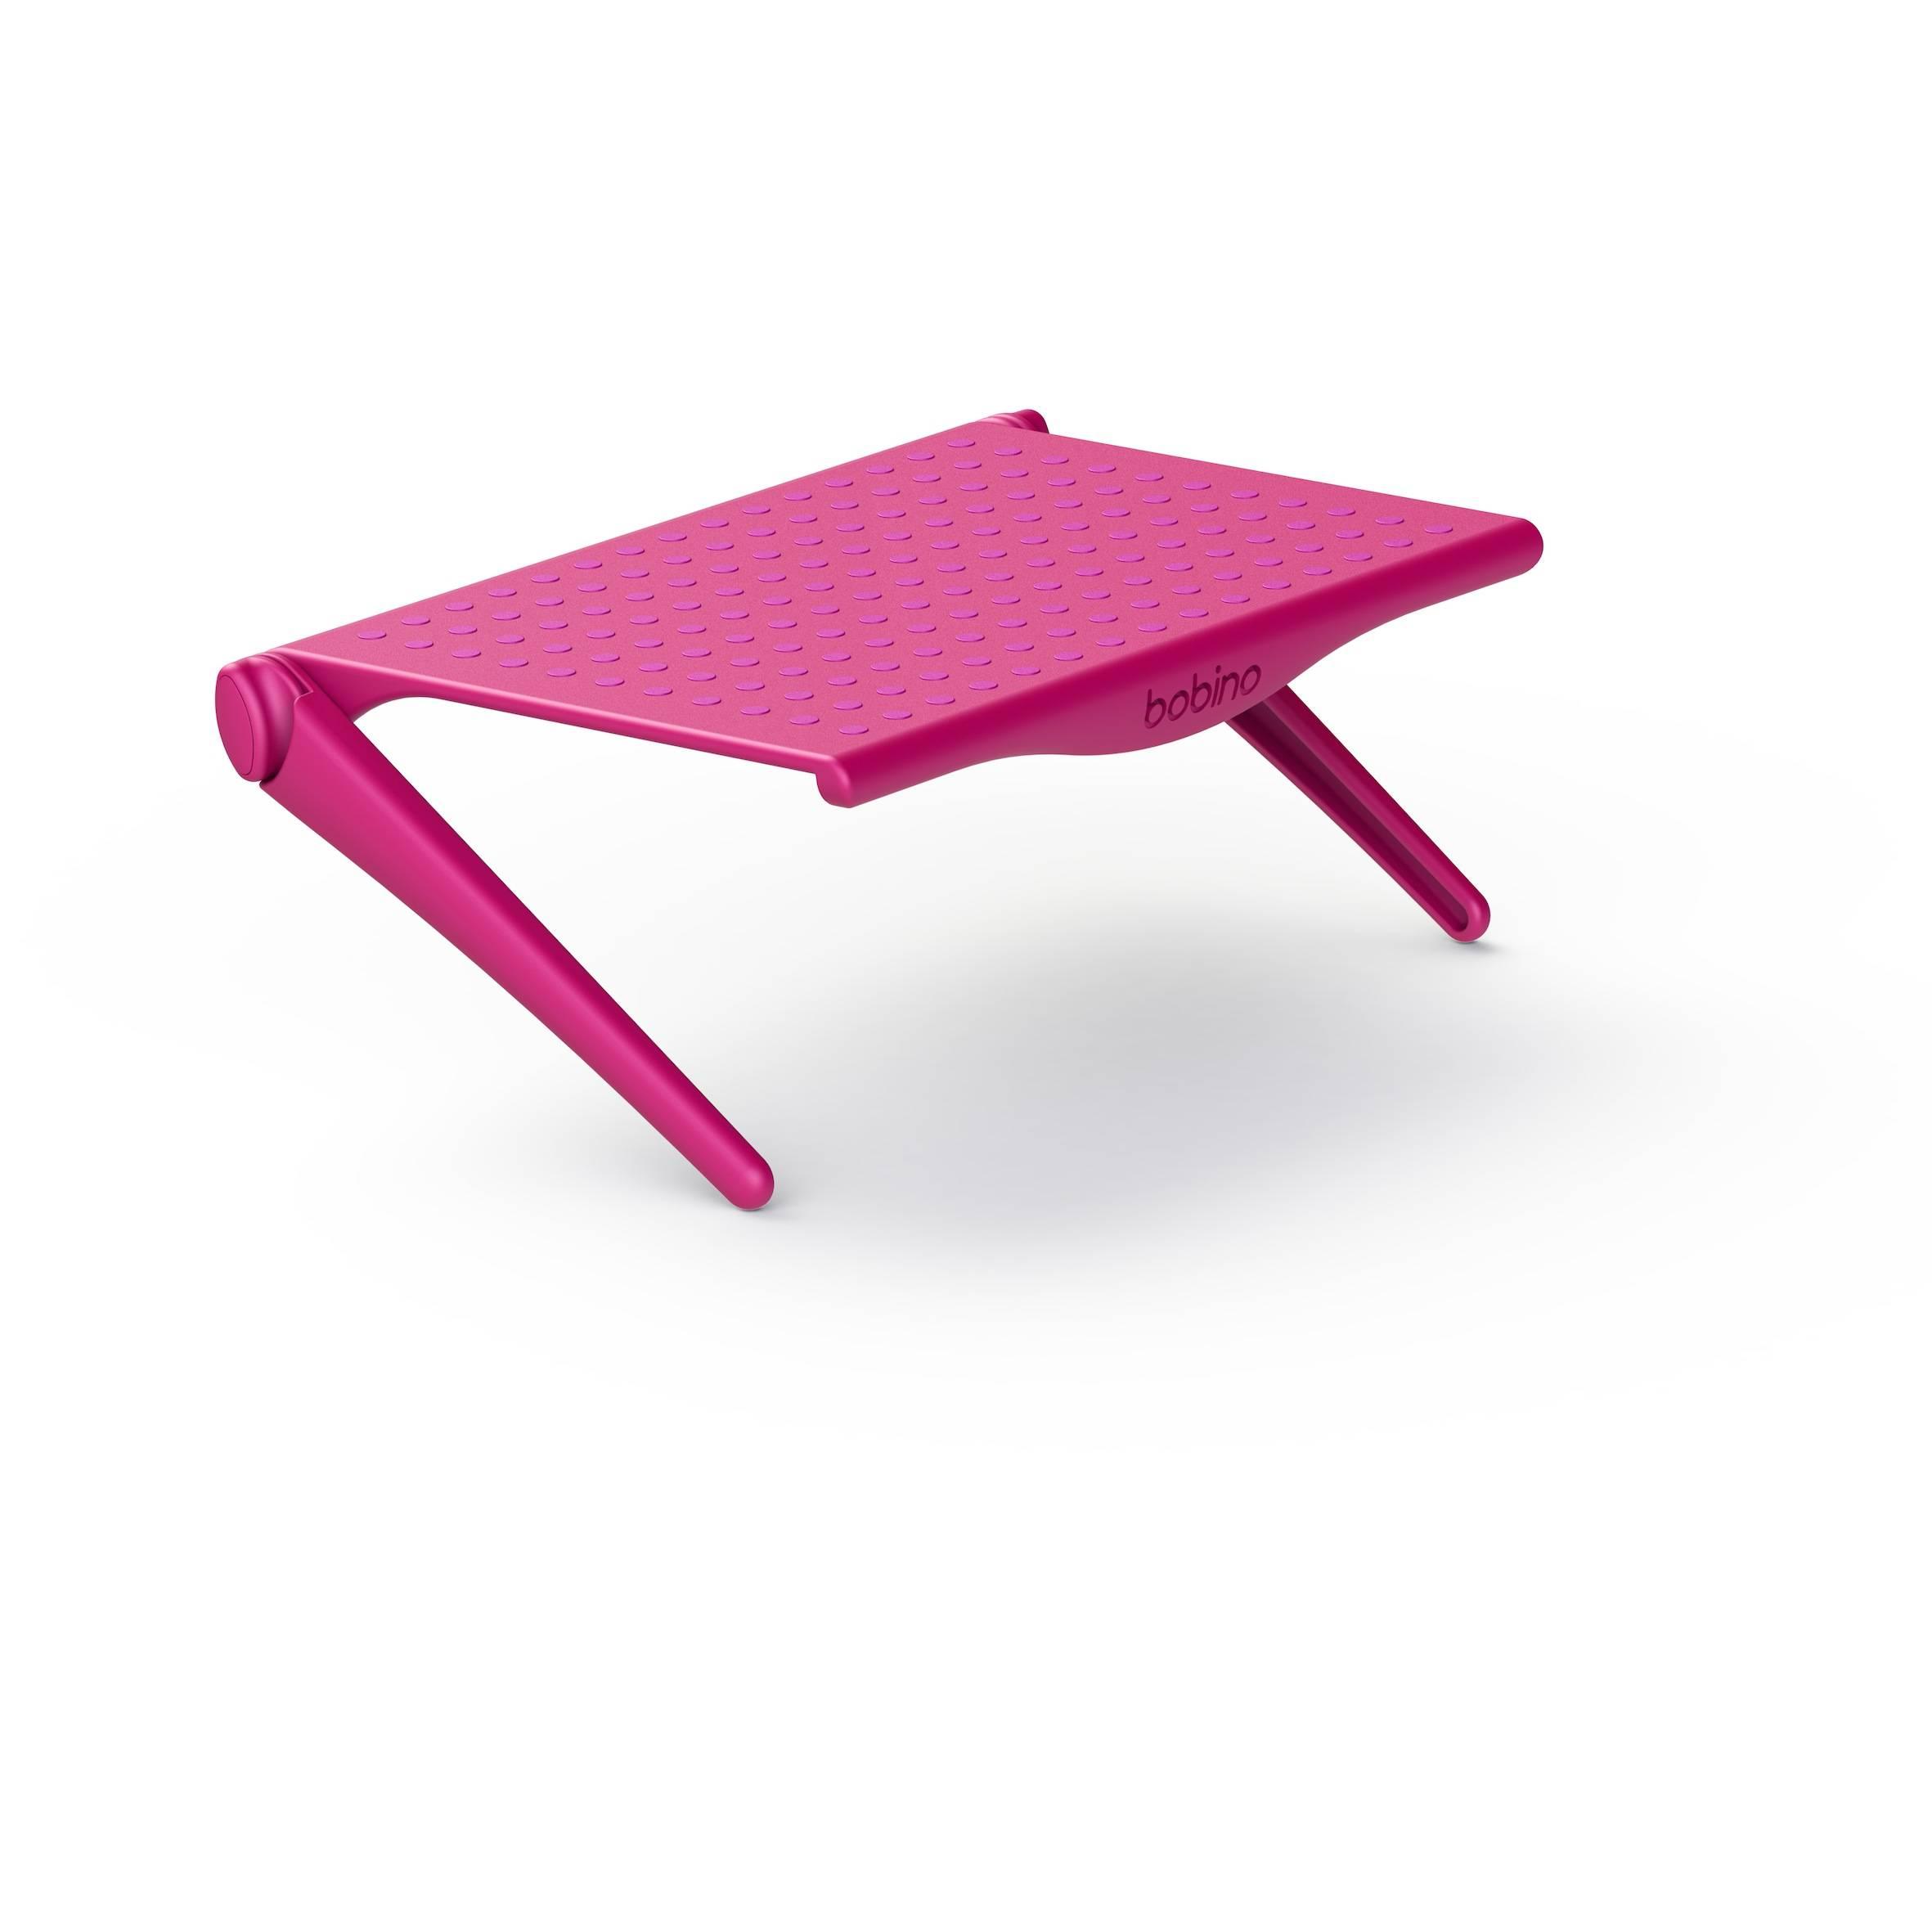 Skærm hylde - Screen Shelf (Pink)